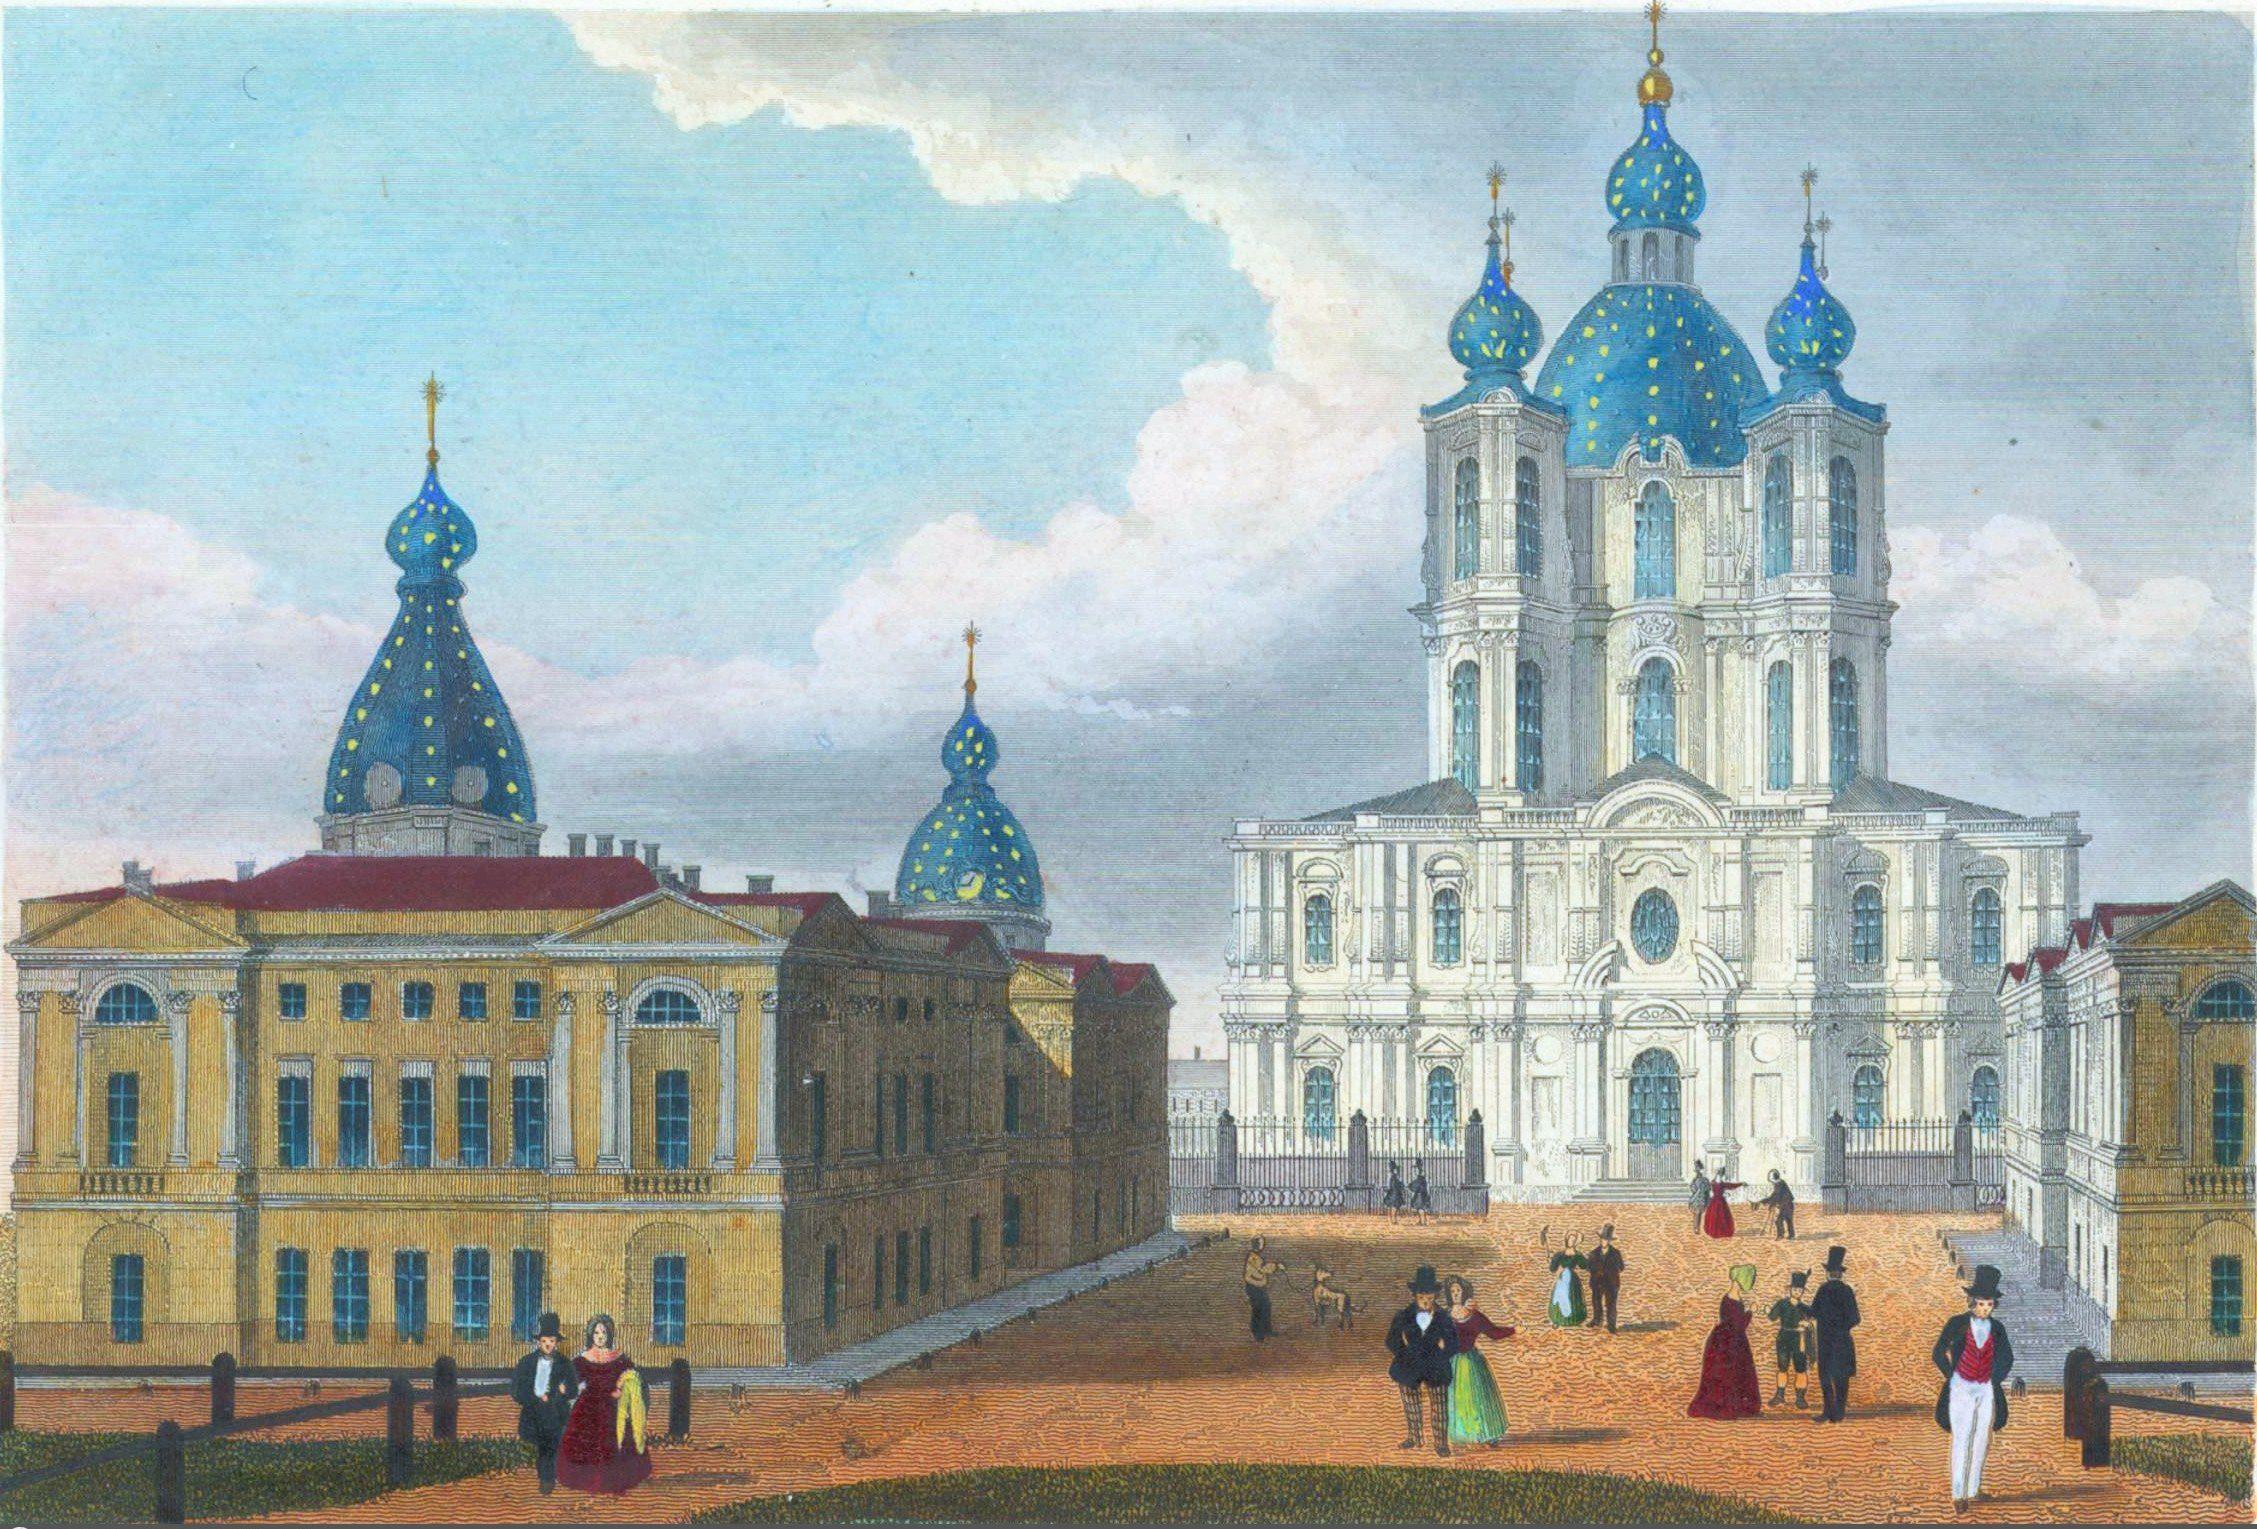 Церковь Смольного монастыря, 1839 год, гравюра А. Дюран